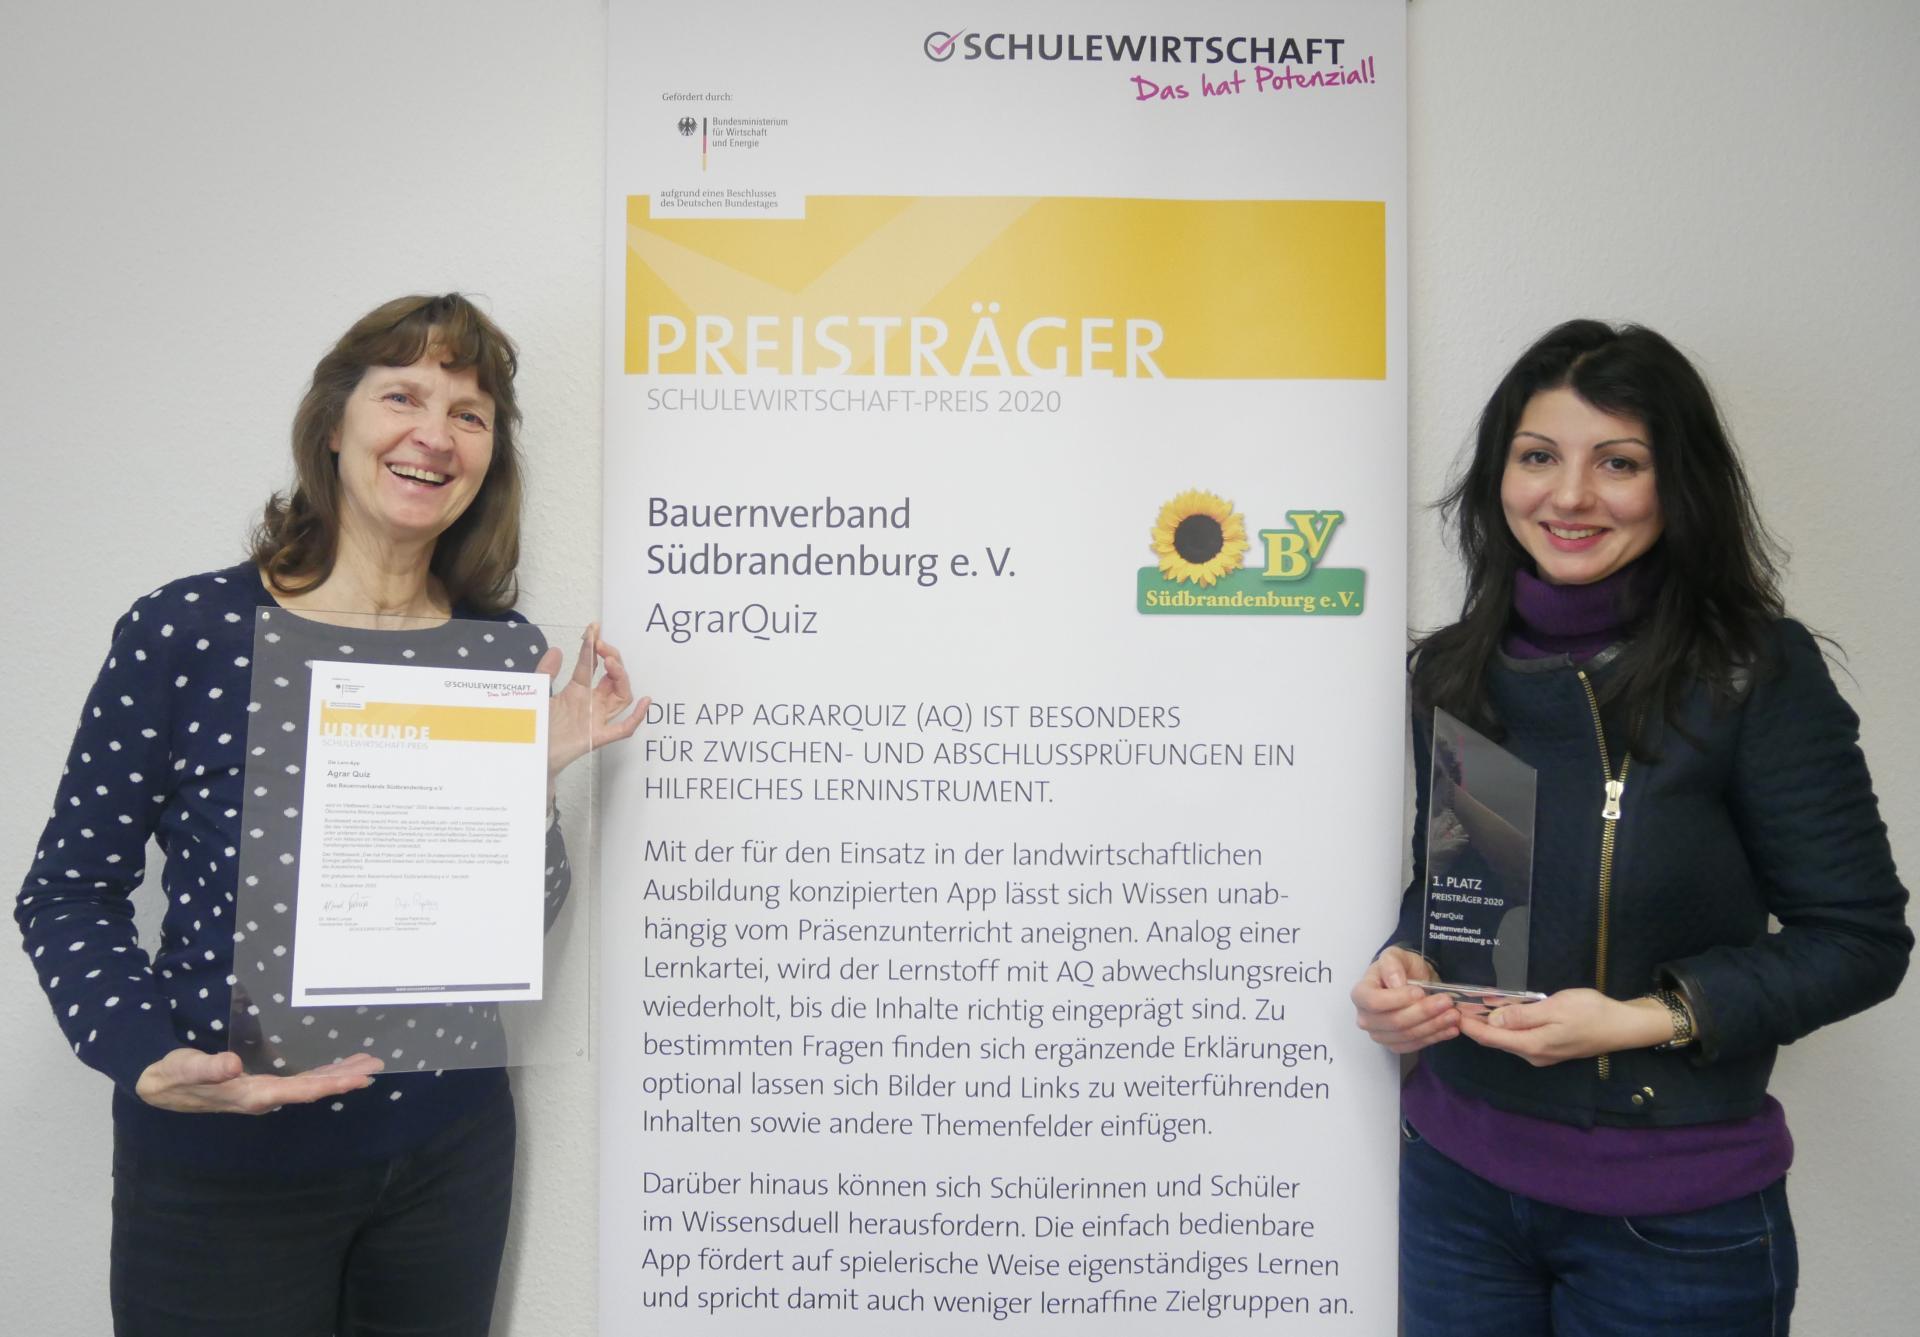 AgrarQuiz gewinnt den 1. Platz beim SCHULEWIRTSCHAFT-Preis in der Kategorie Lehr- und Lehrmedien zur ökonomischen Bildung